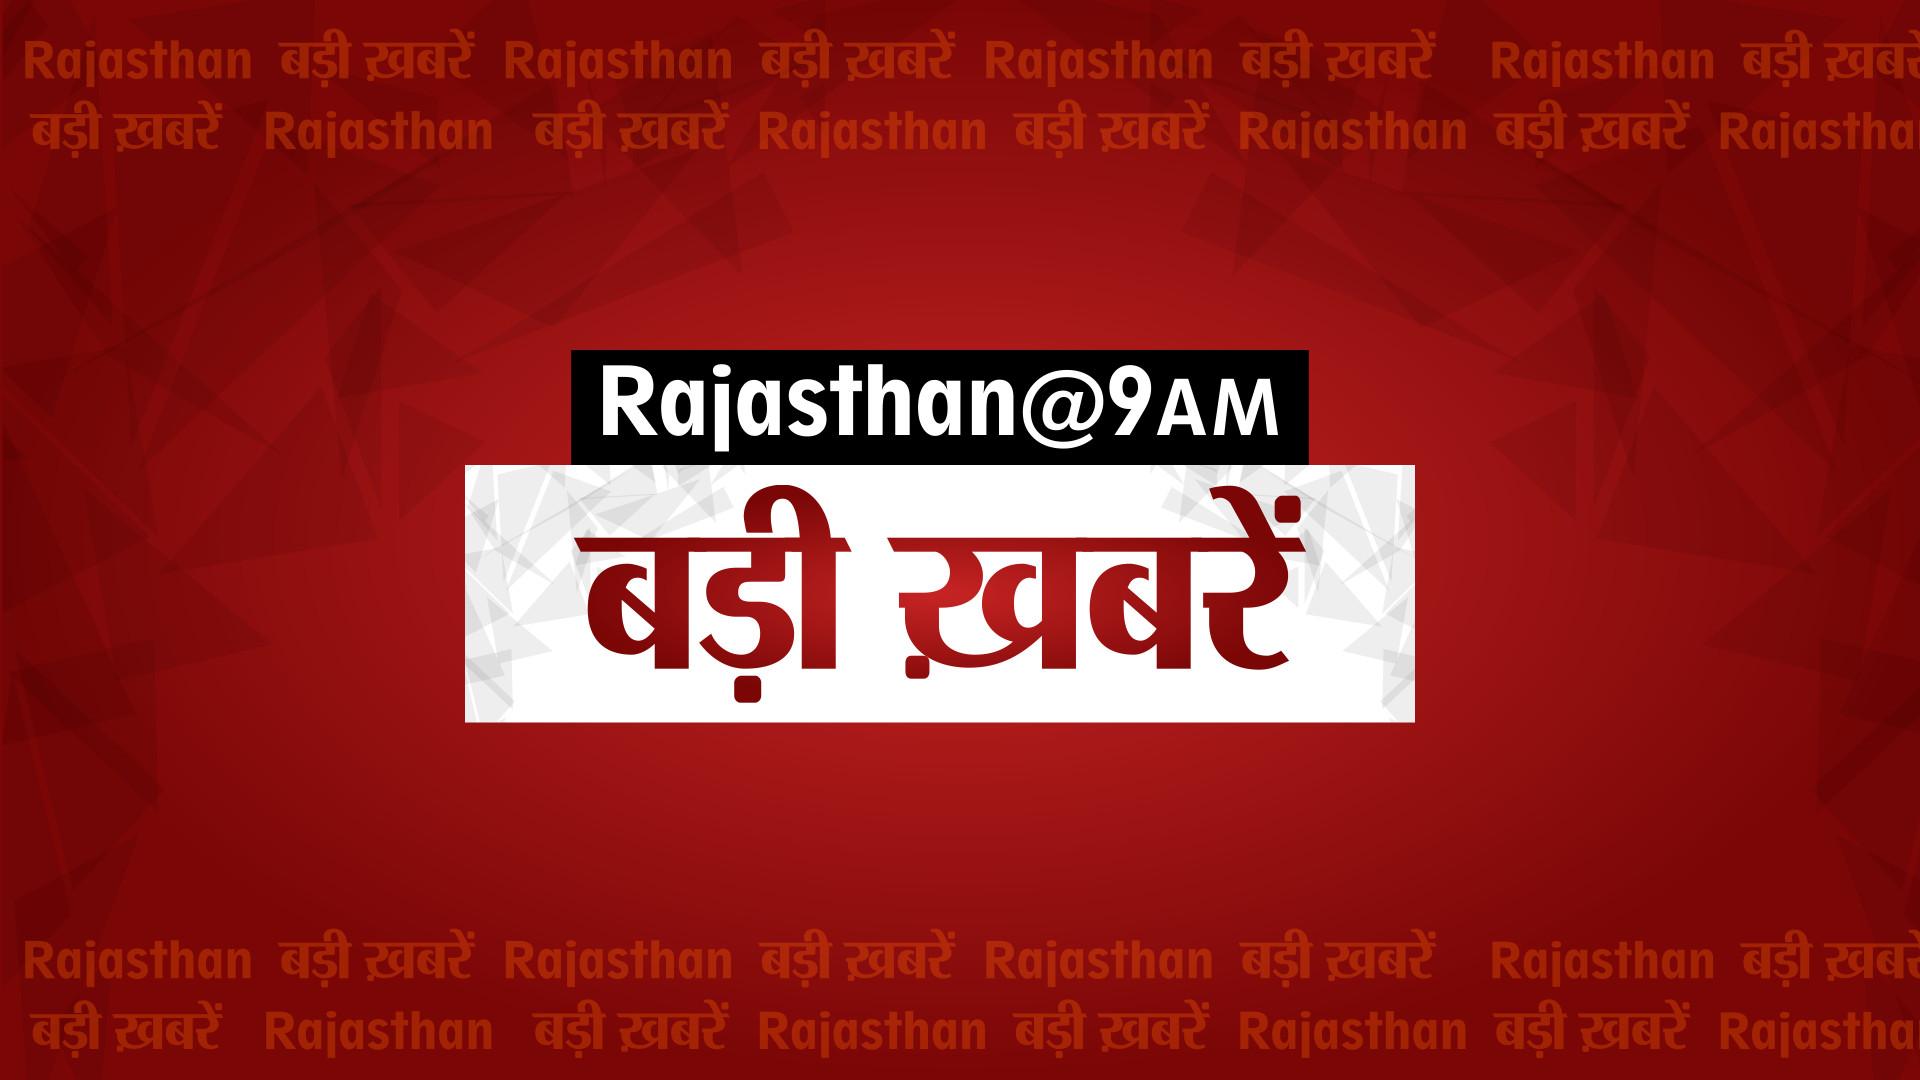 Rajasthan@9AM: खदान ढहने से मलबे में दबे श्रमिक- मचा हड़कंप, जाने अभी की 5 ताज़ा खबरें